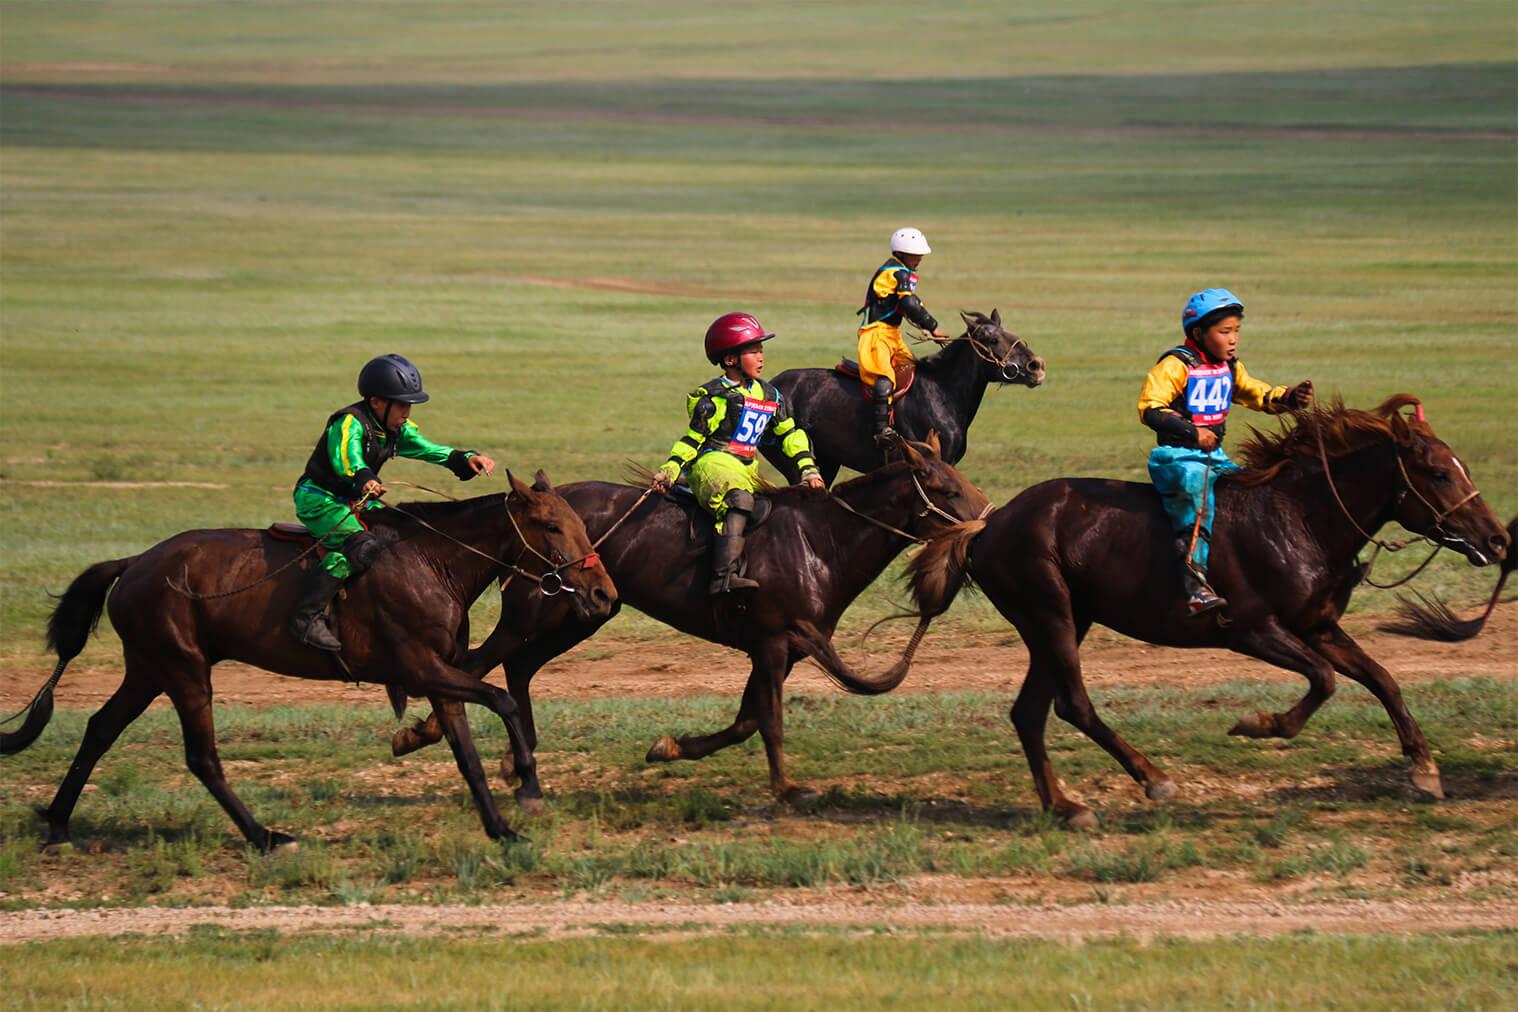 Preteky päťročných koní počas festivalu Naadam